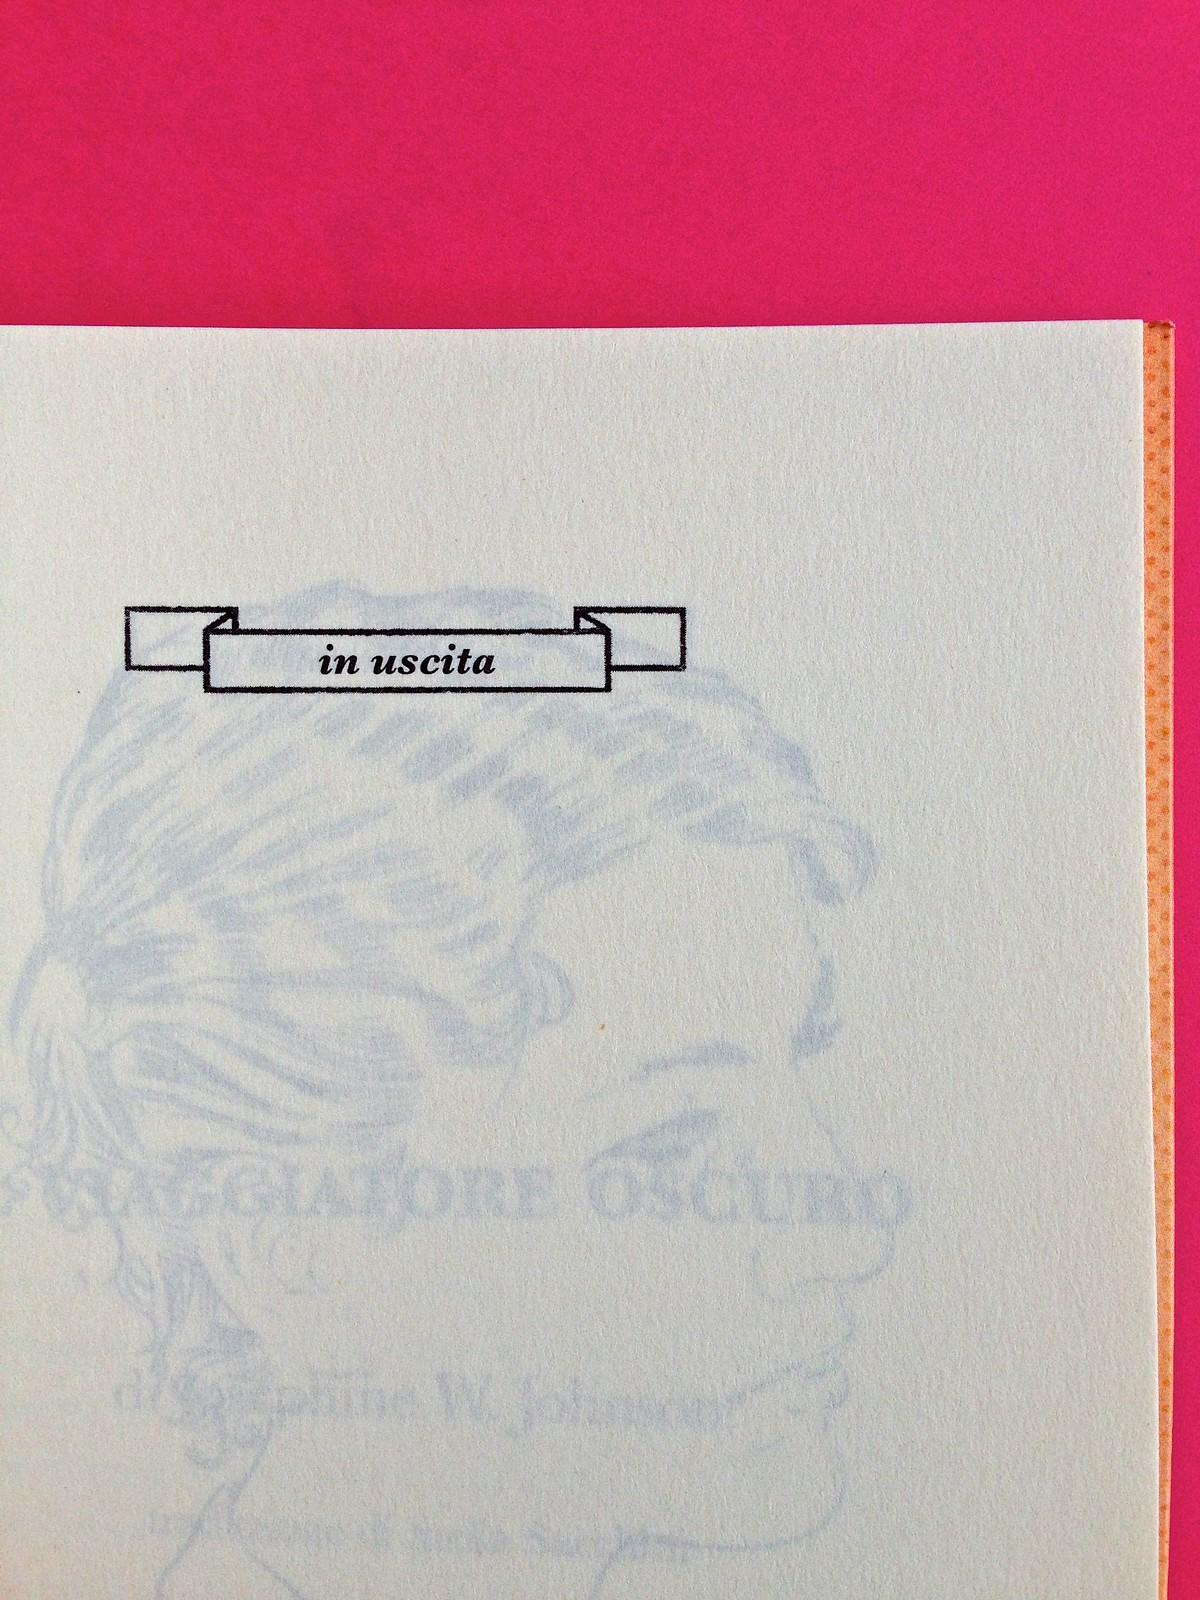 La stella del vespro, di Colette. Del Vecchio Editore 2015. Art direction, cover, illustrazioni, logo design: IFIX | Maurizio Ceccato. Pag. 271 (part.), 1